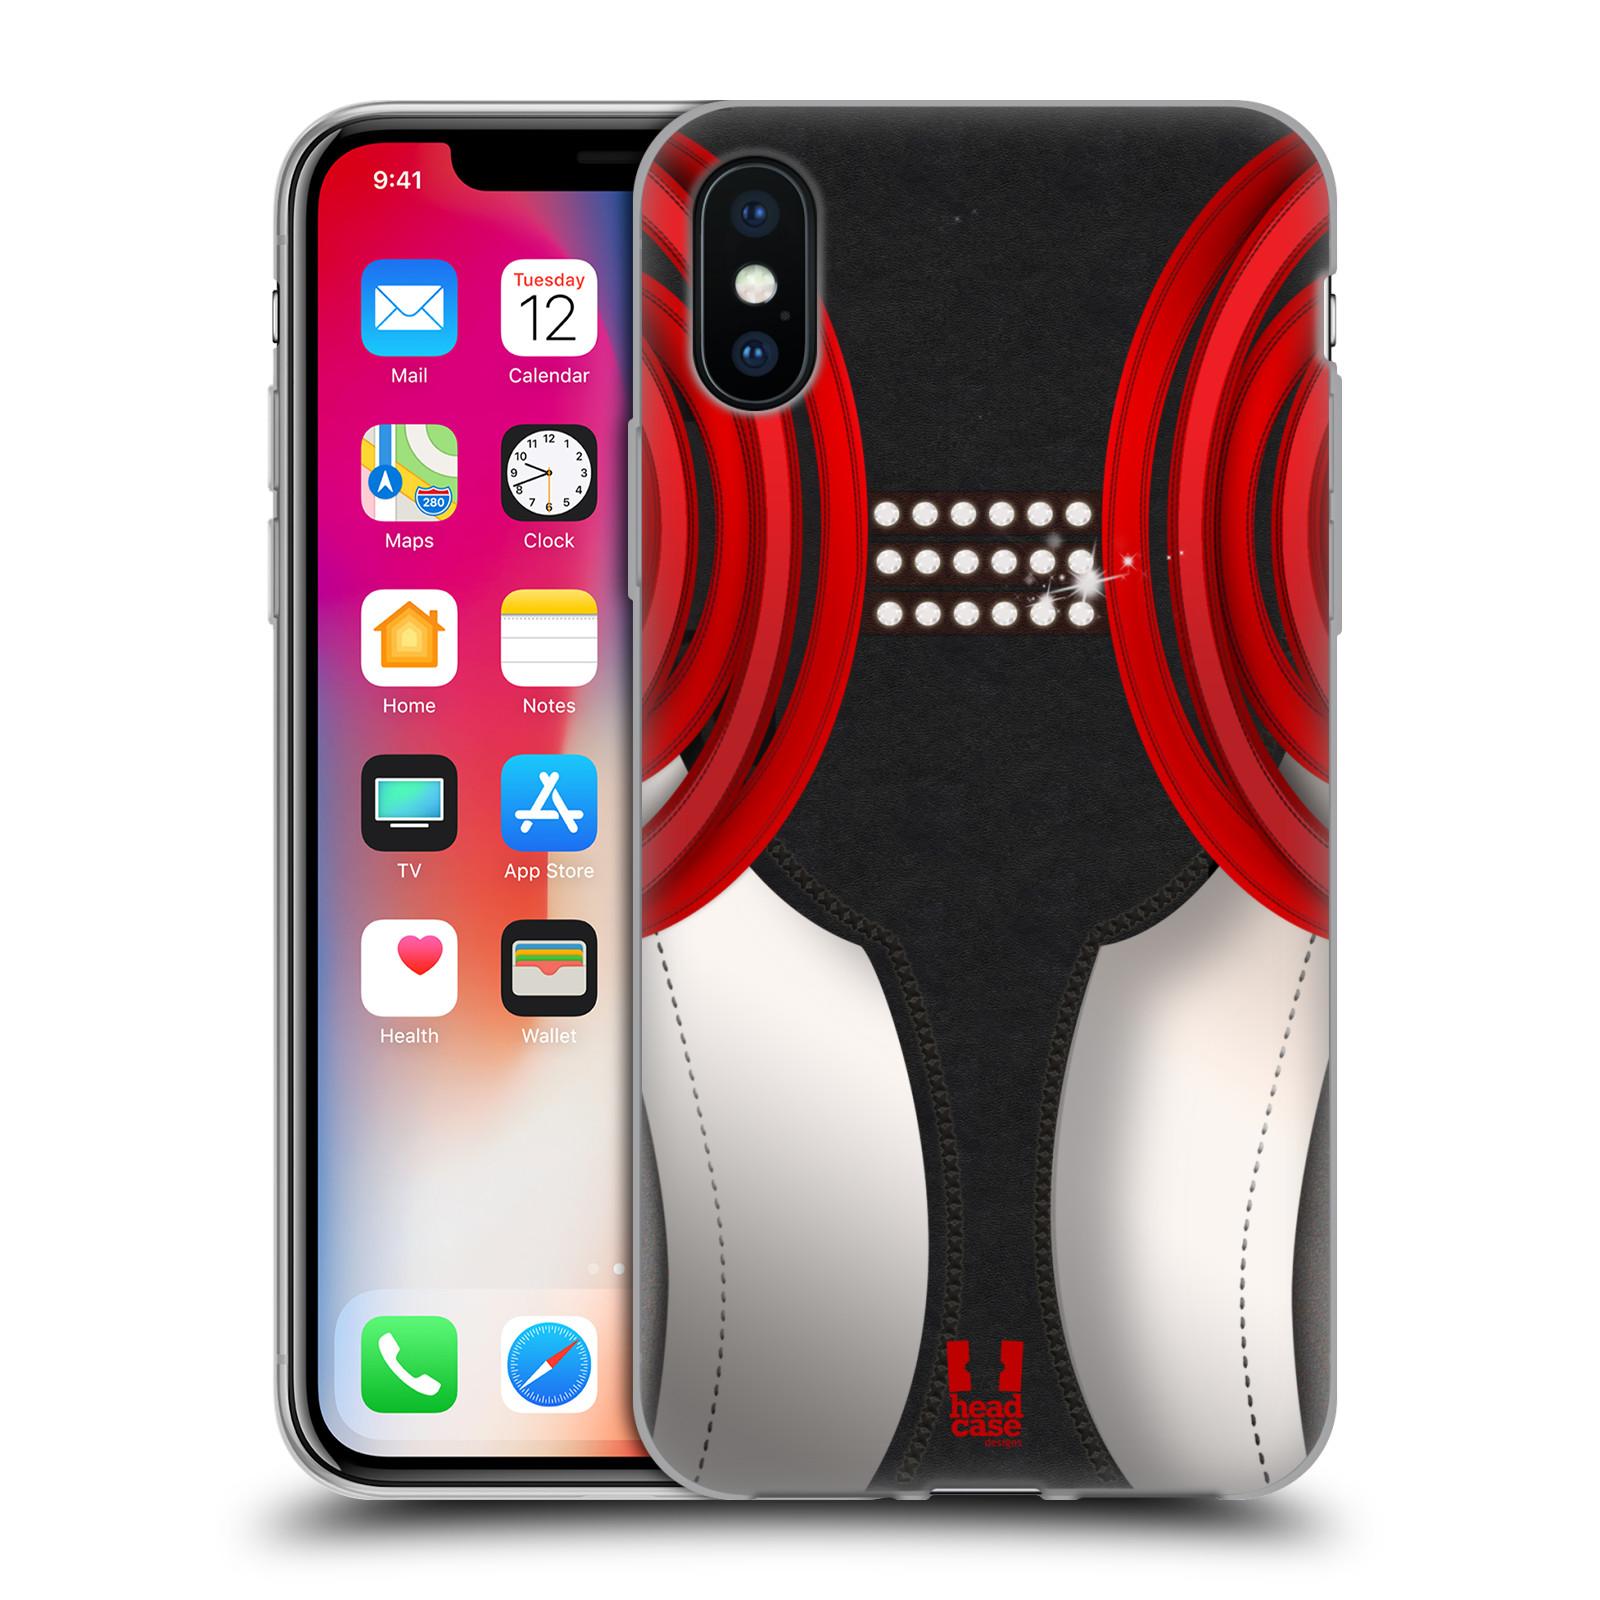 HEAD CASE DESIGNS TANZSCHUHE SOFT GEL HÜLLE FÜR APPLE iPHONE X